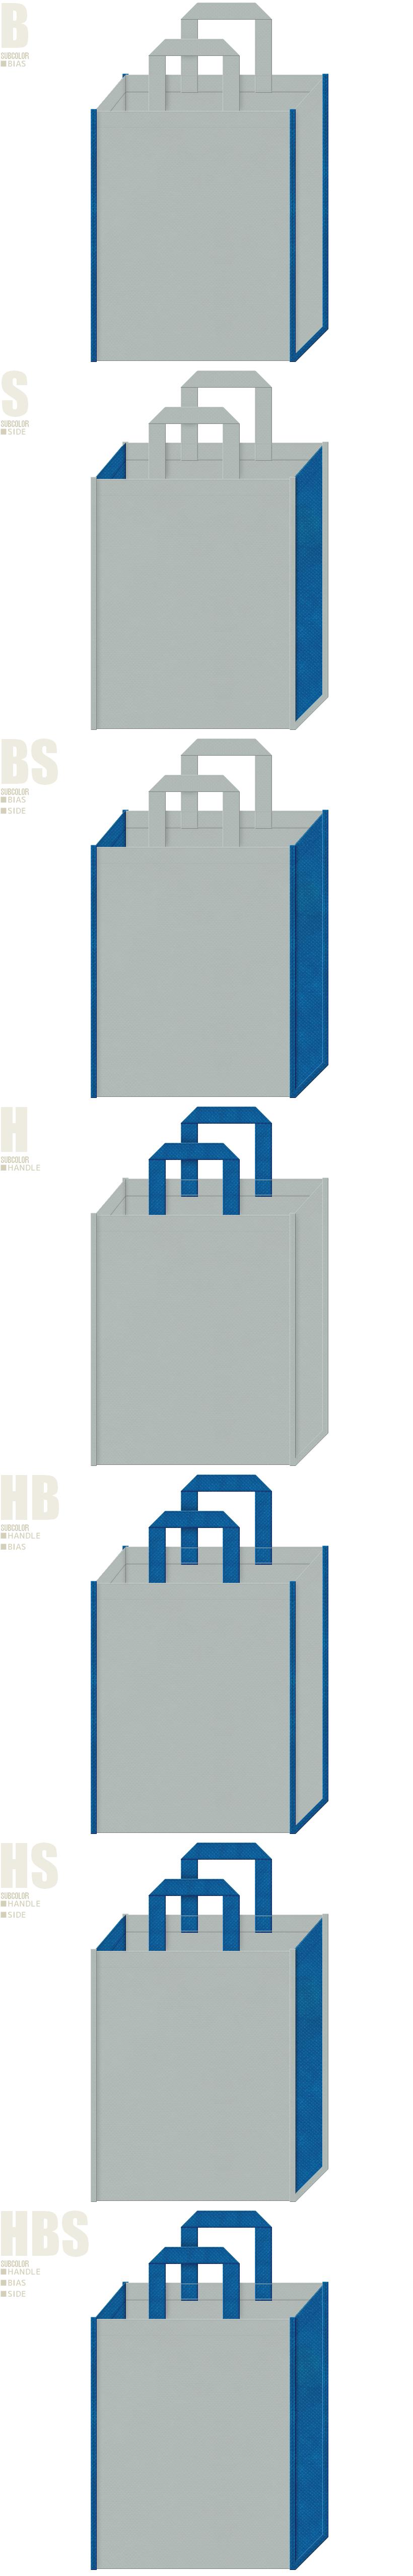 IT・AI・LED・IOT・センサー・電子部品・水素自動車・ロボット・ラジコン・ホビー・防犯カメラ・セキュリティ・セミナーの資料配布用バッグにお奨めの不織布バッグデザイン:グレー色と青色の配色7パターン